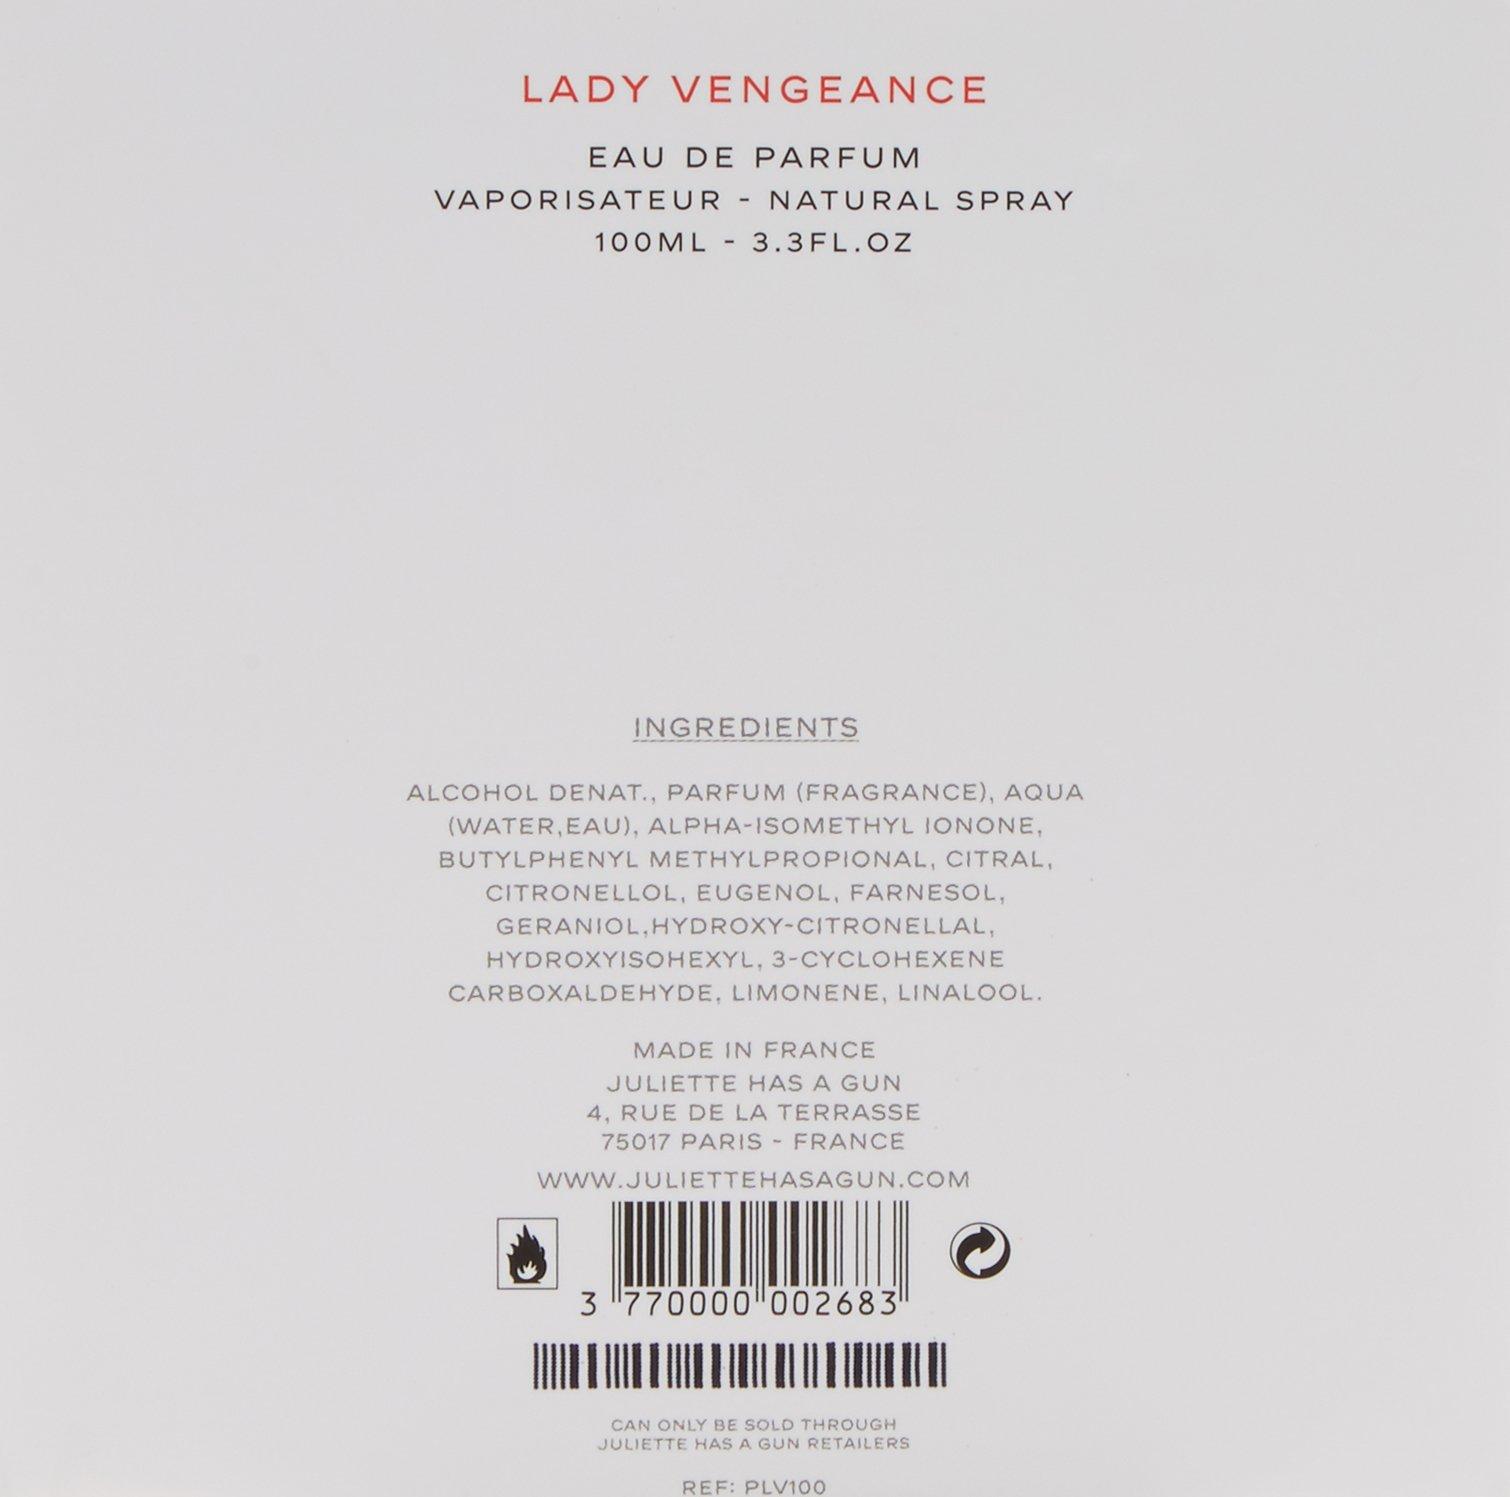 Juliette Has A Gun Lady Vengeance Eau de Parfum Spray, 3.3 fl. oz. by Juliette Has A Gun (Image #2)